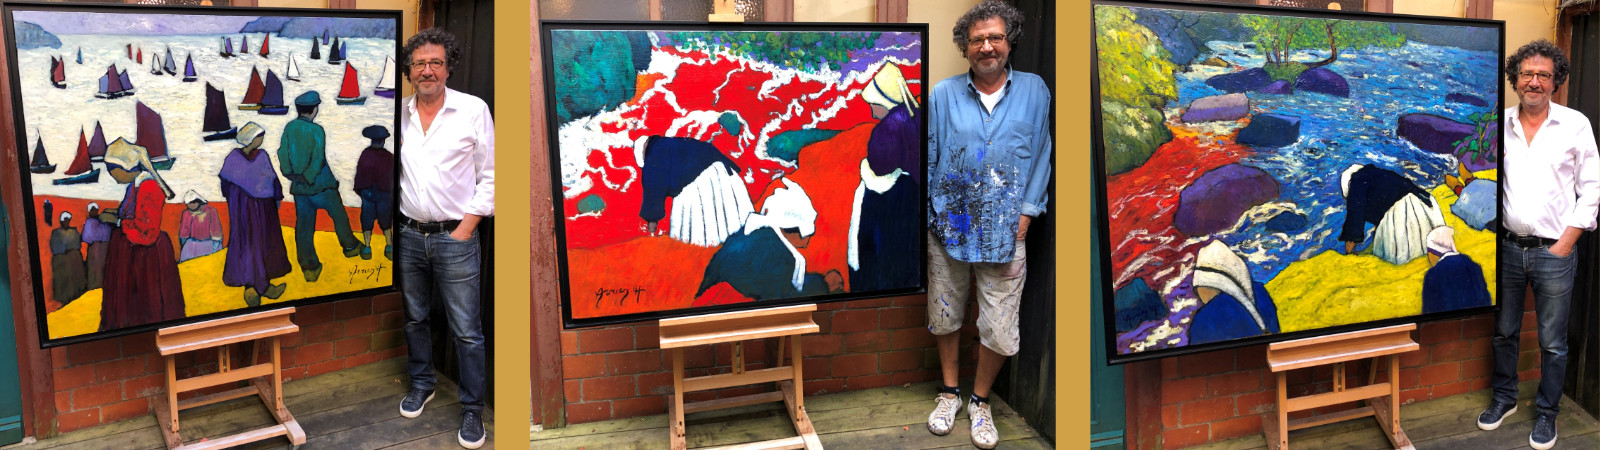 L'artiste Avner en Bretagne dans sa galerie de Pont-Aven devant certains de ses tableaux figuratifs expressionistes fauvistes contemporains